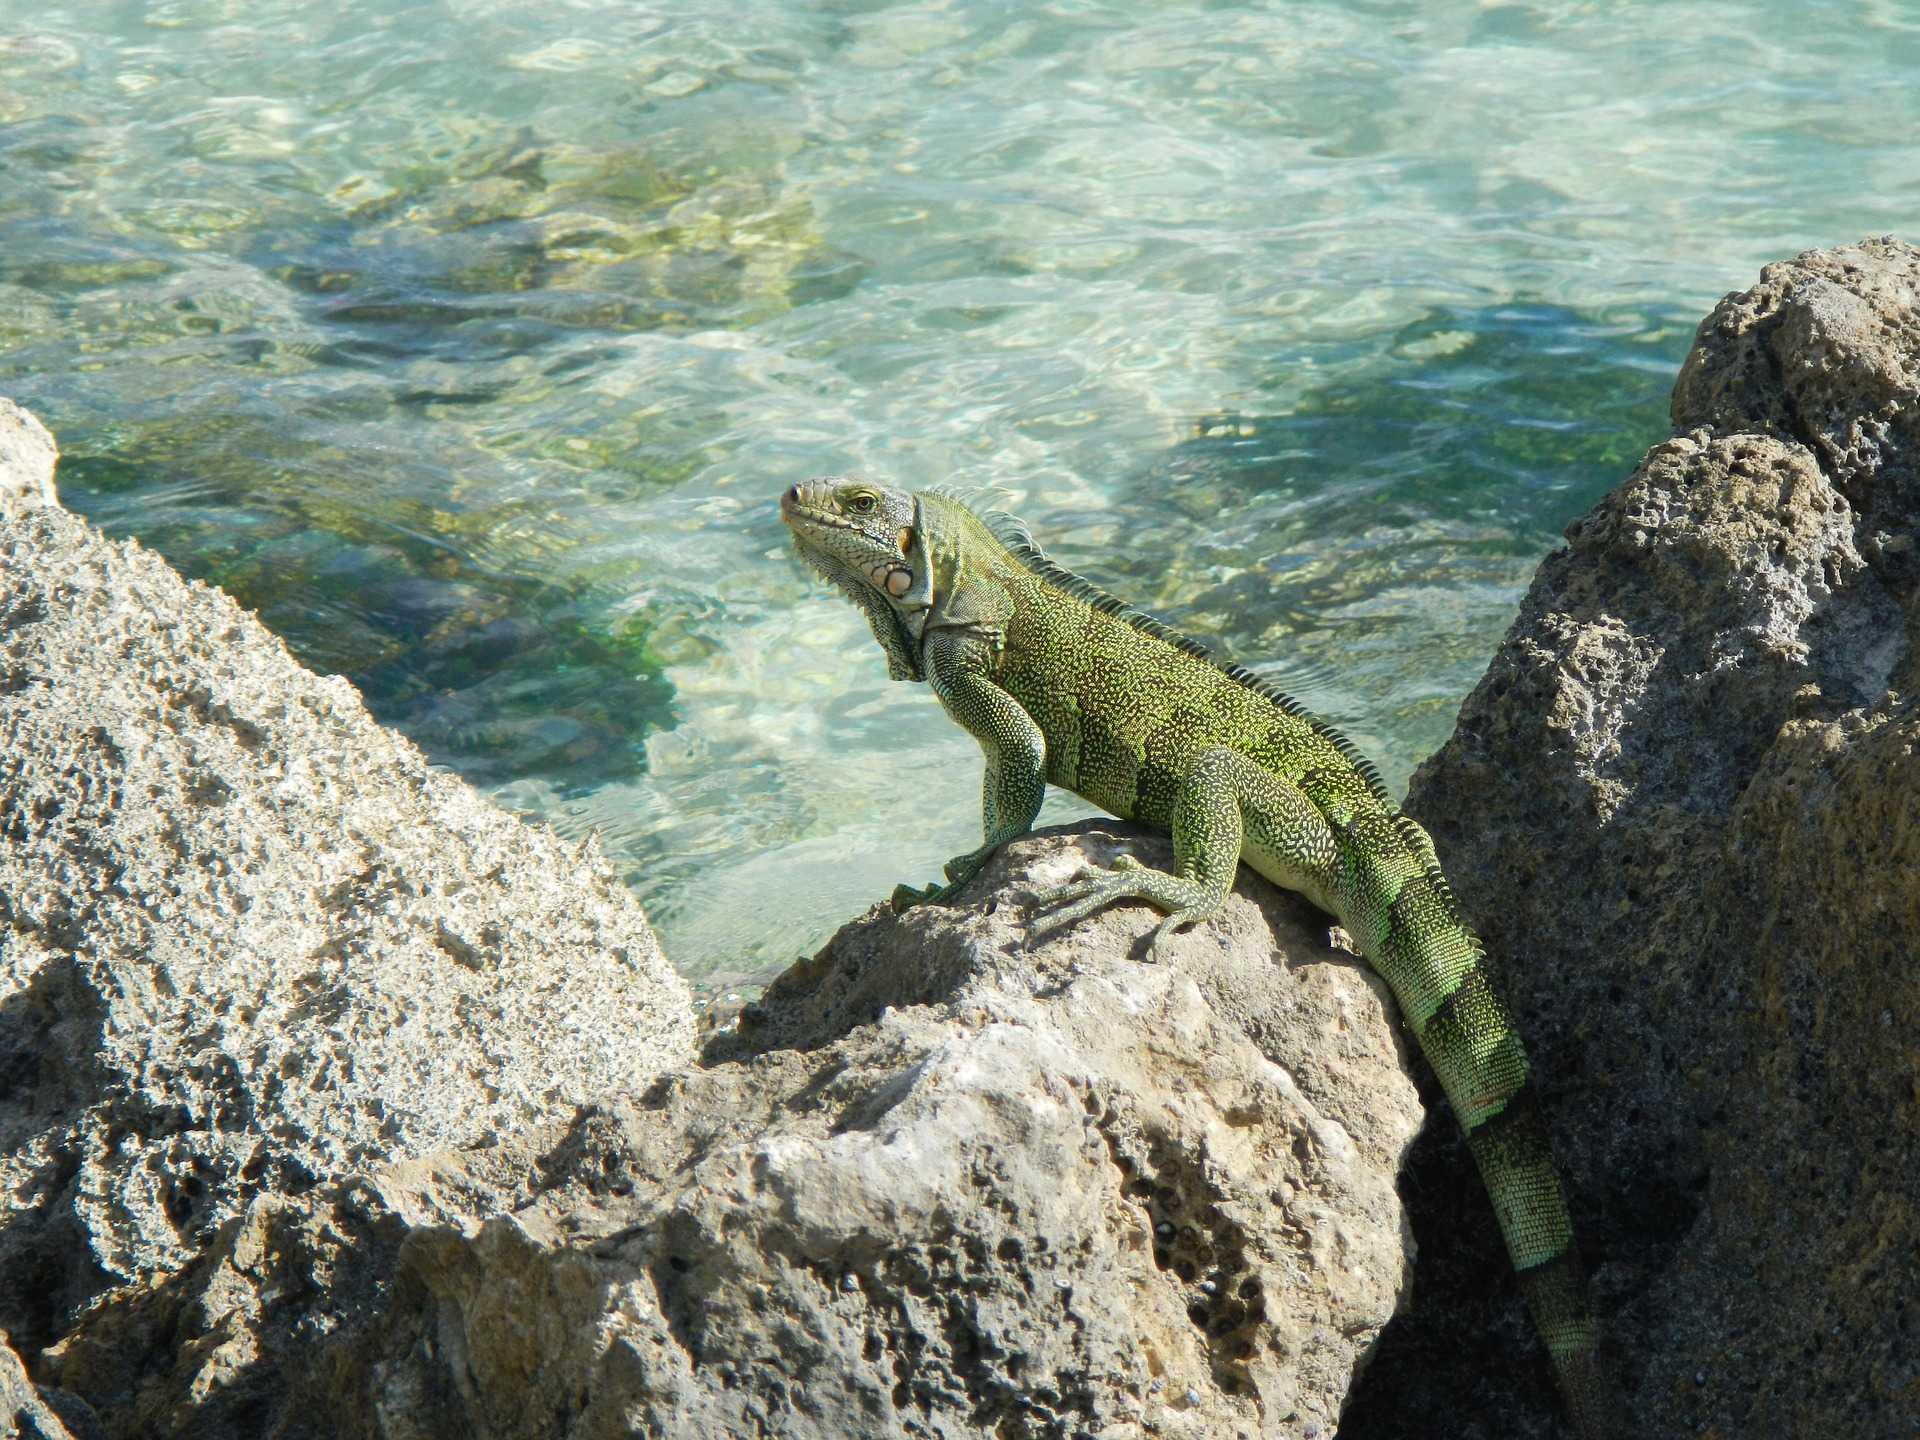 Iguane et eaux cristallines en Guadeloupe